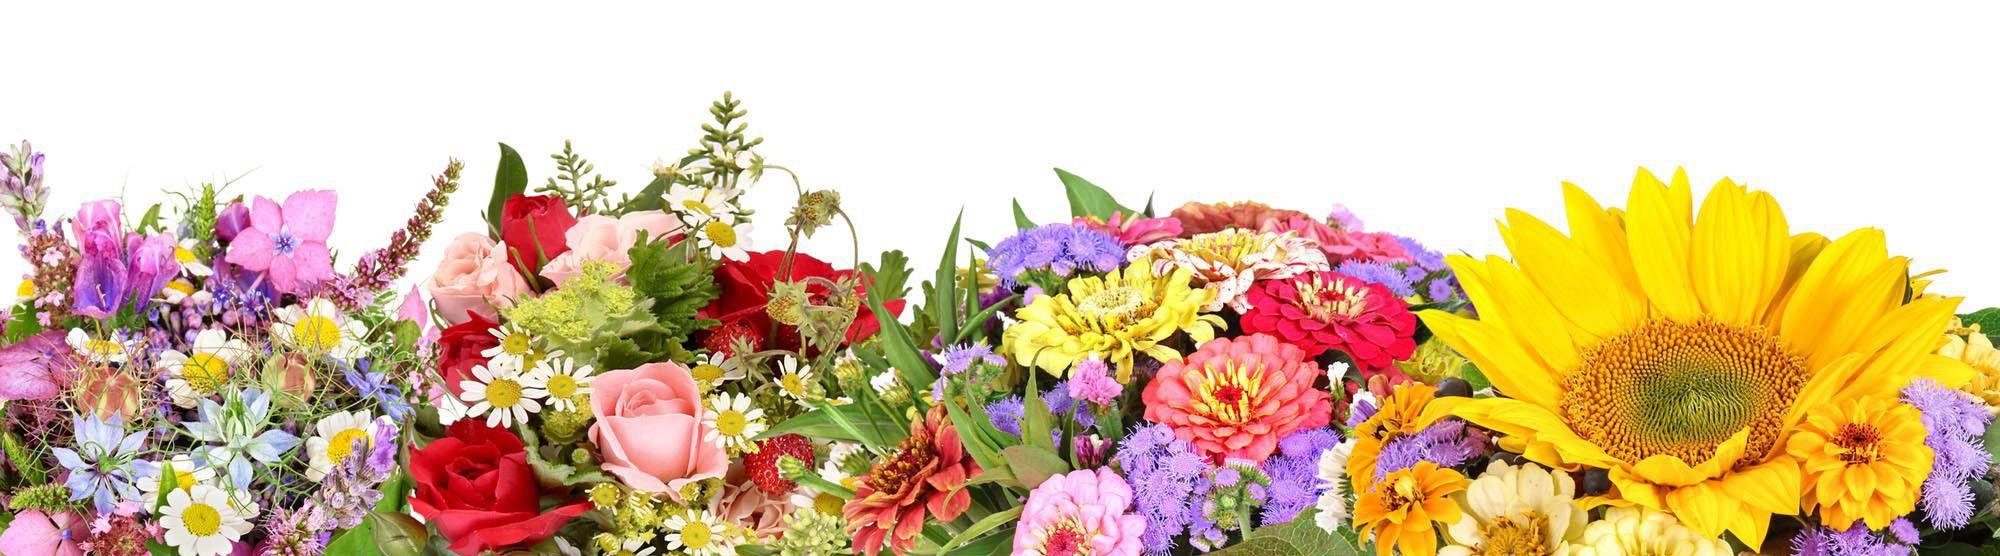 Blumen Edelweiss Hartmann Ursula